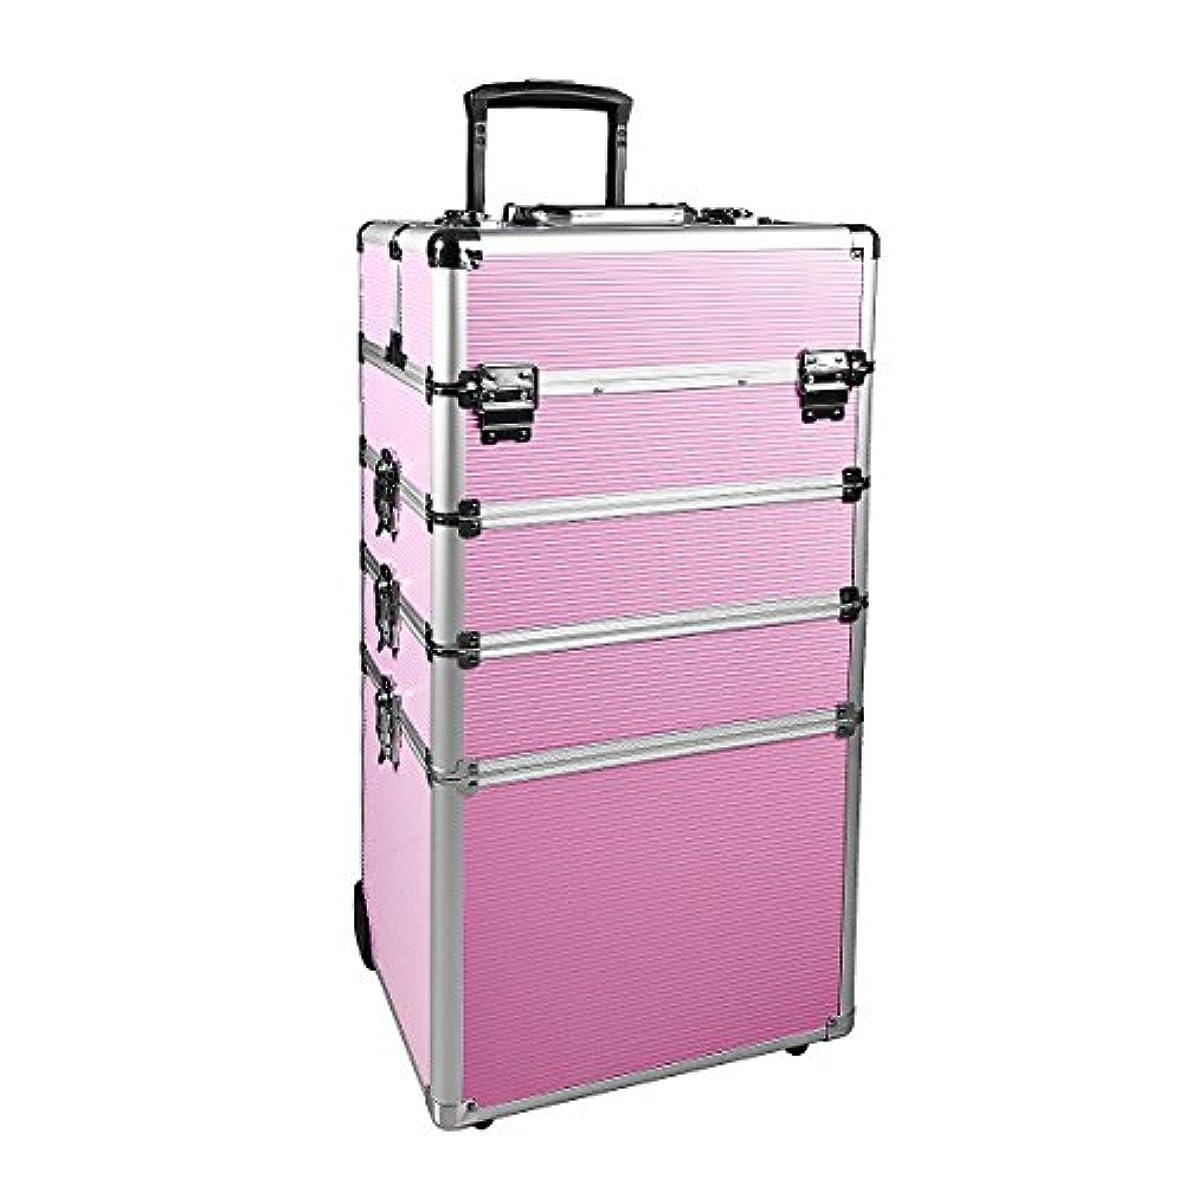 剪断アドバンテージ祭りNHSM 1つ プロ 化粧品ローリング主催 アルミフレームと折りたたみトレイで化粧列車 ケース4 ピンク